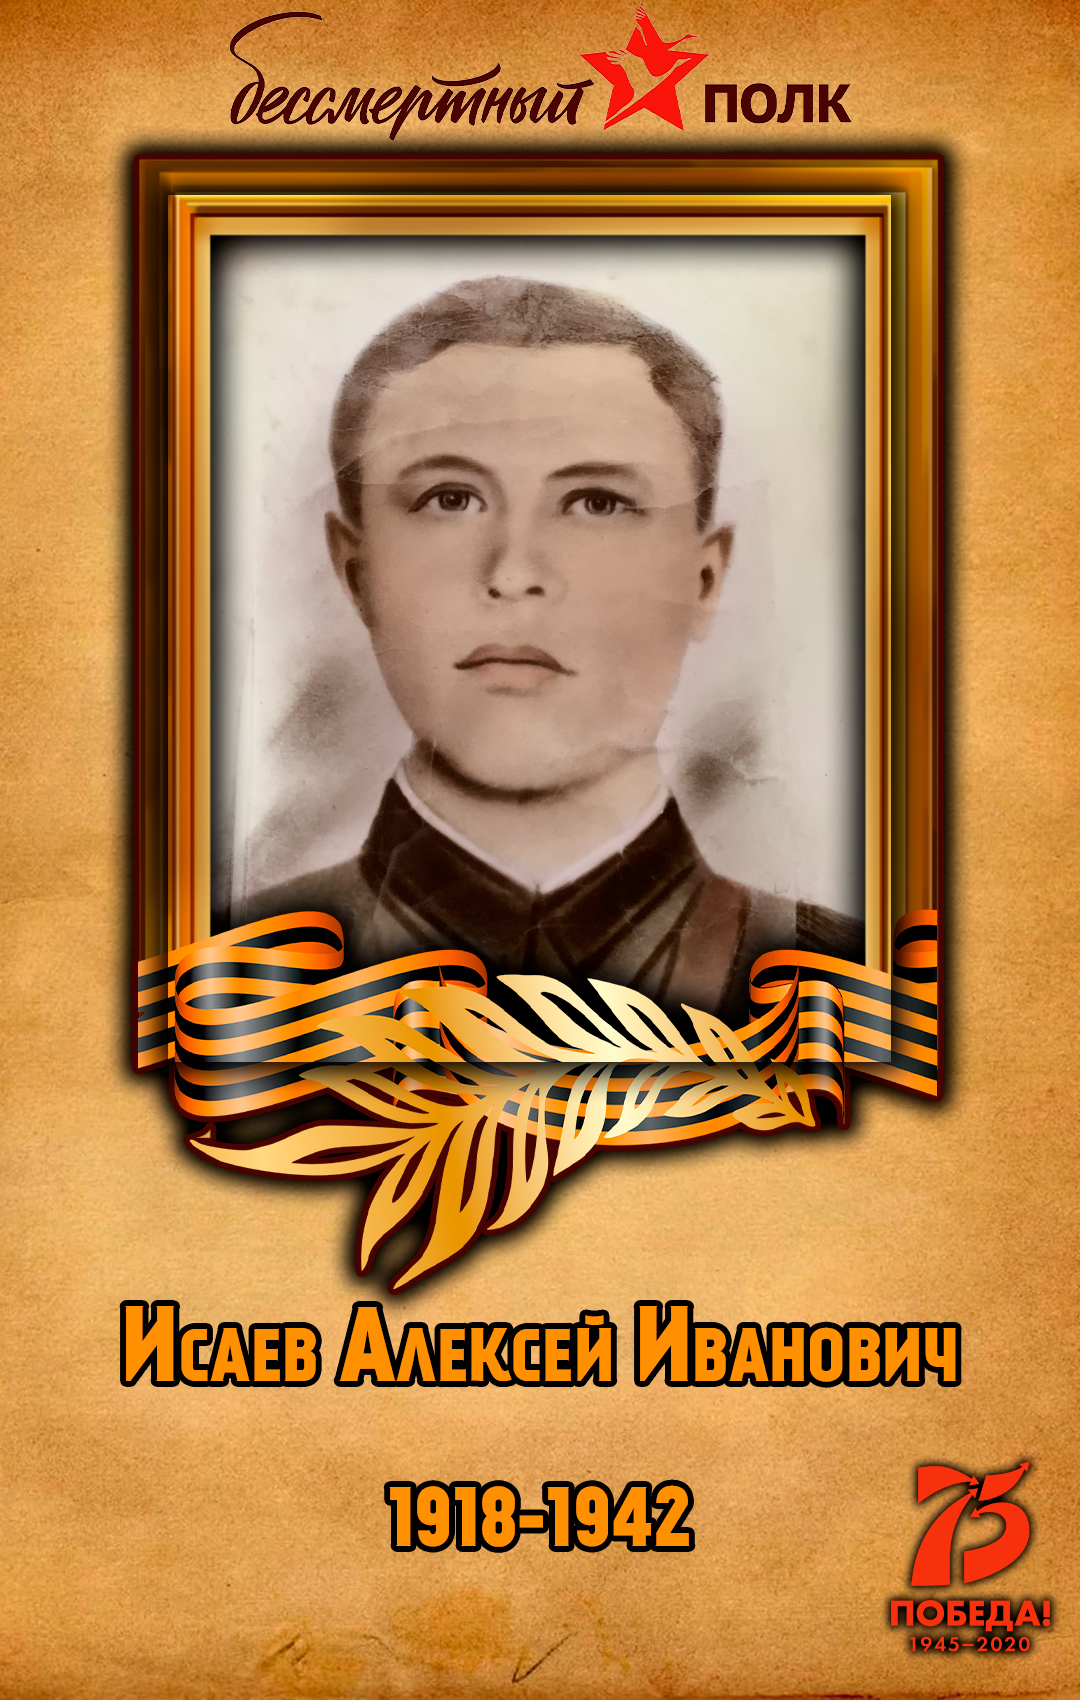 Исаев-Алексей-Иванович